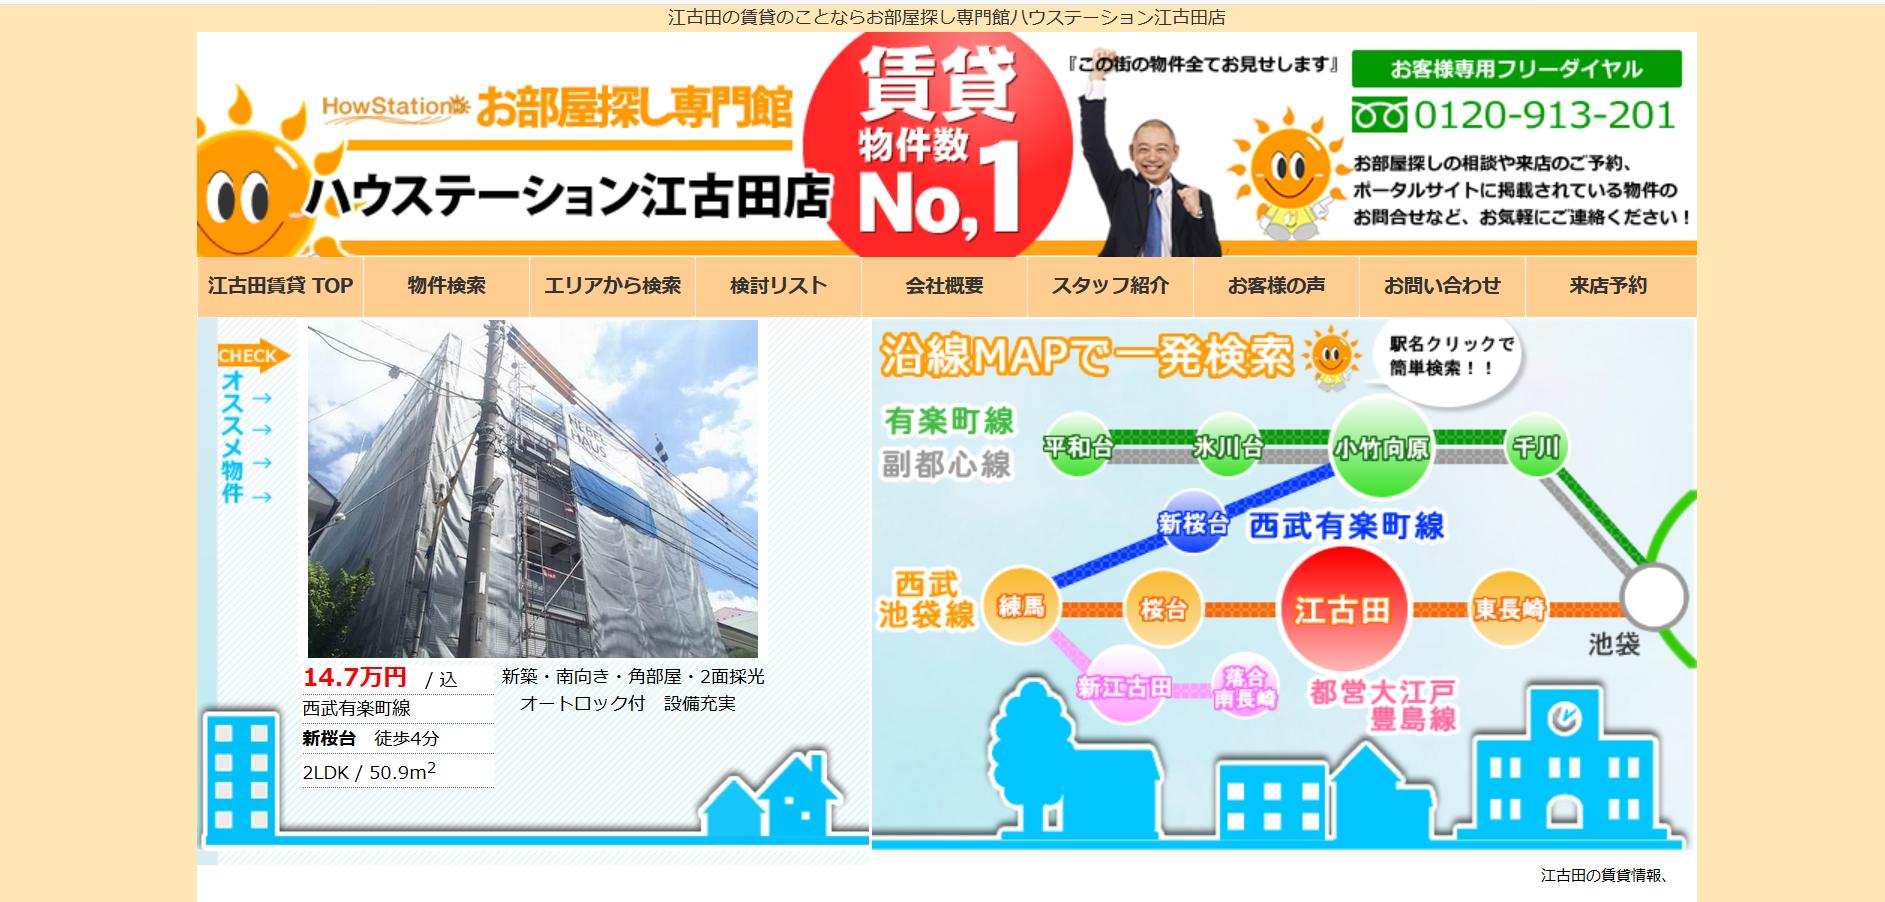 ハウスステーション 江古田店